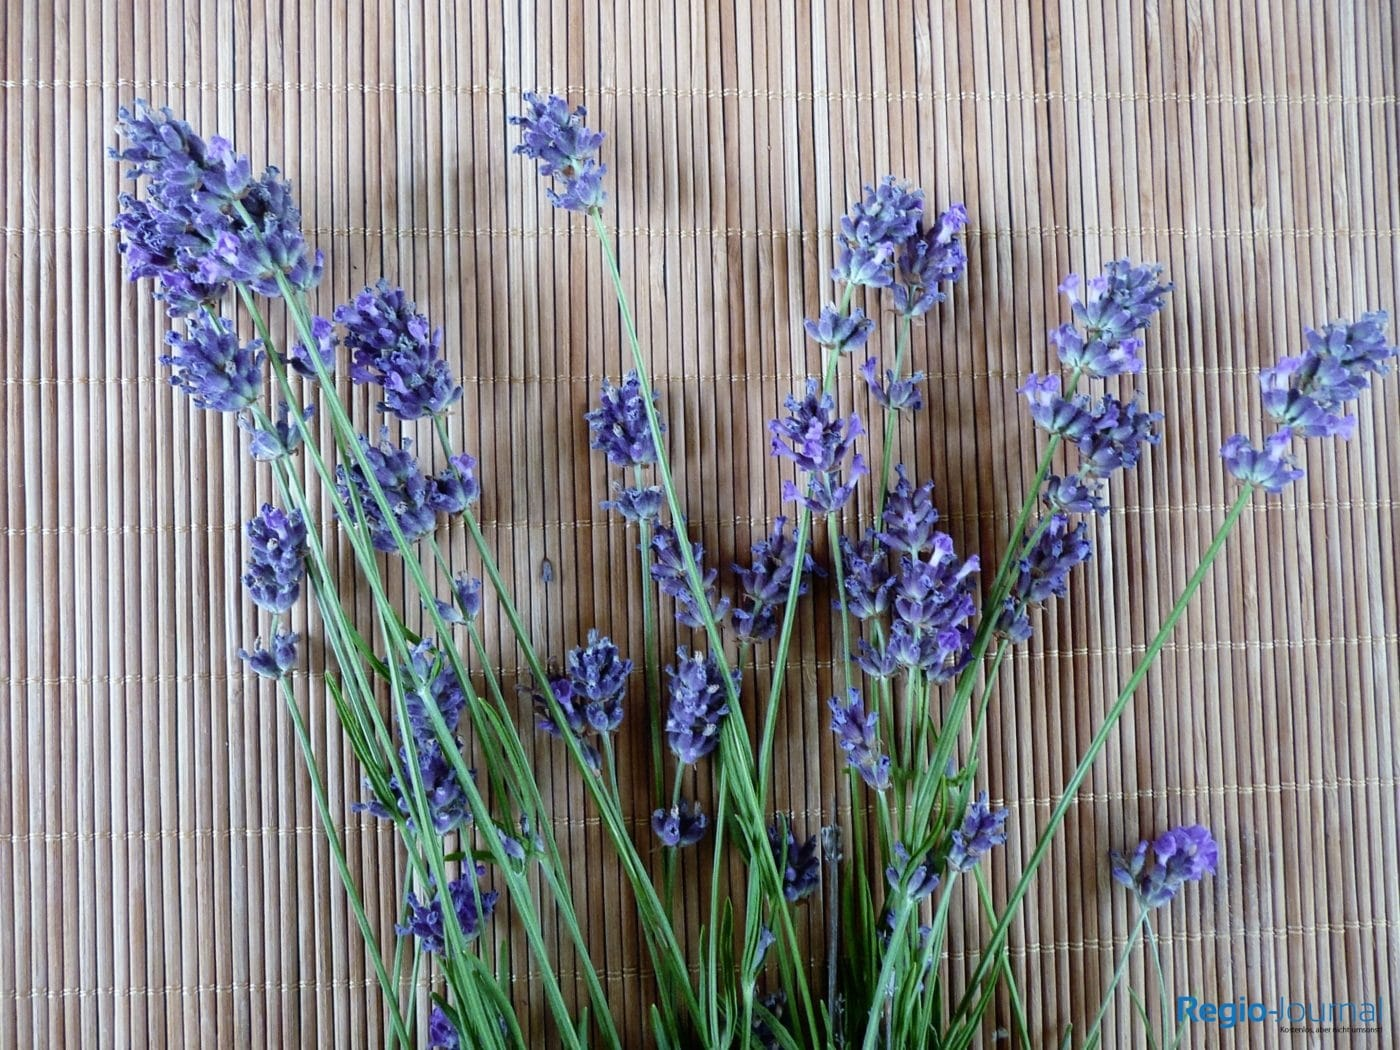 Wissenswertes über Lavendel